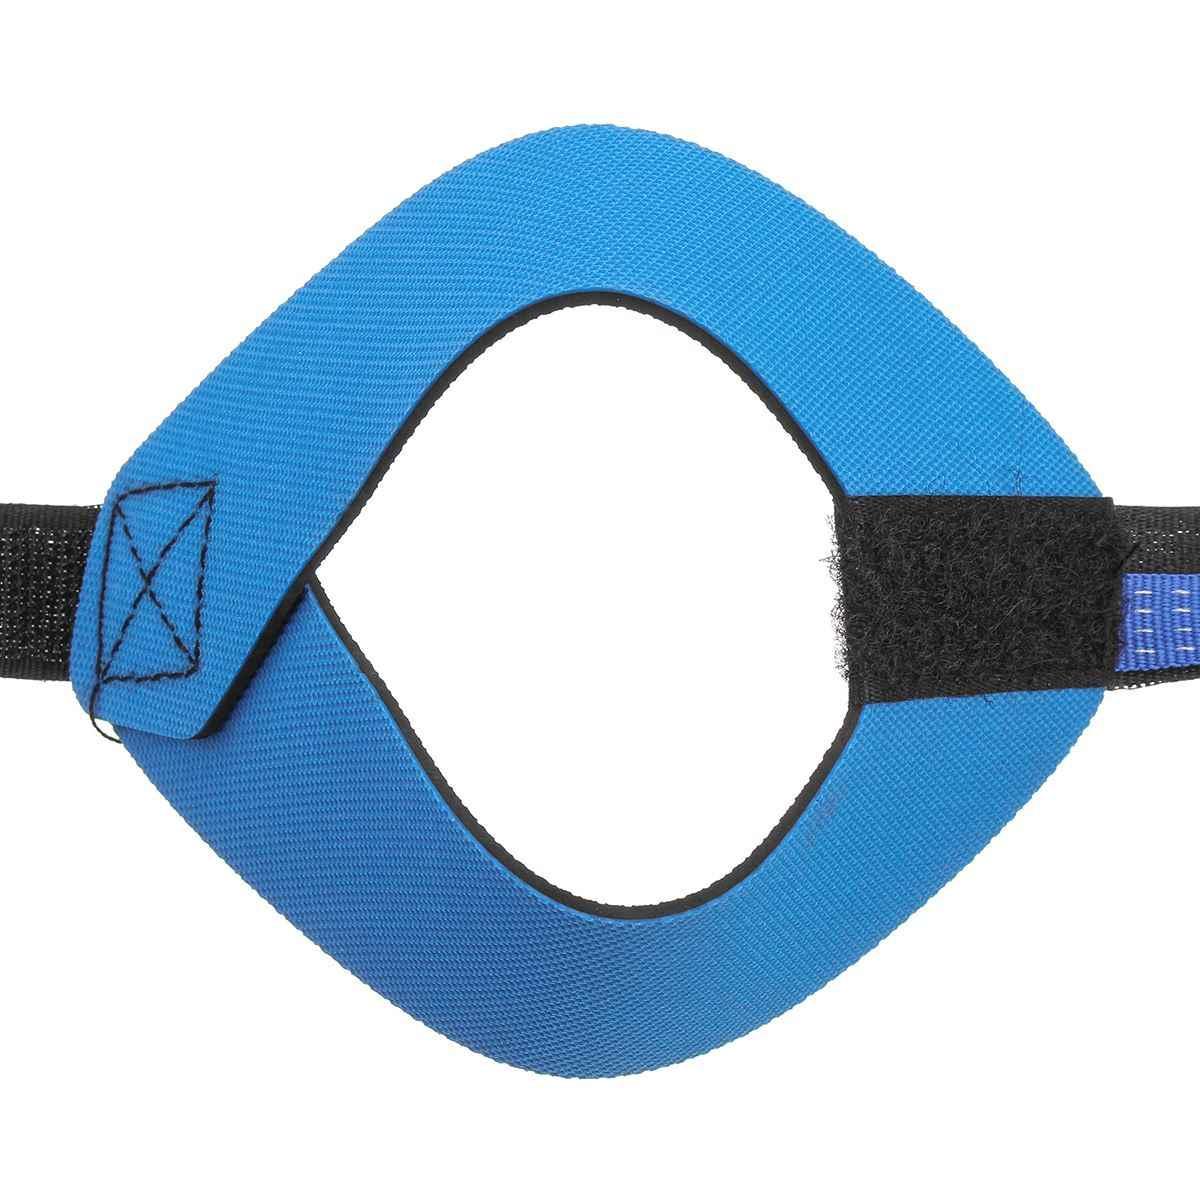 Горячий Антистатический ESD Регулируемый ножной ремень пятки электронный разрядный ремень безопасности заземления ремень для обуви ботинок